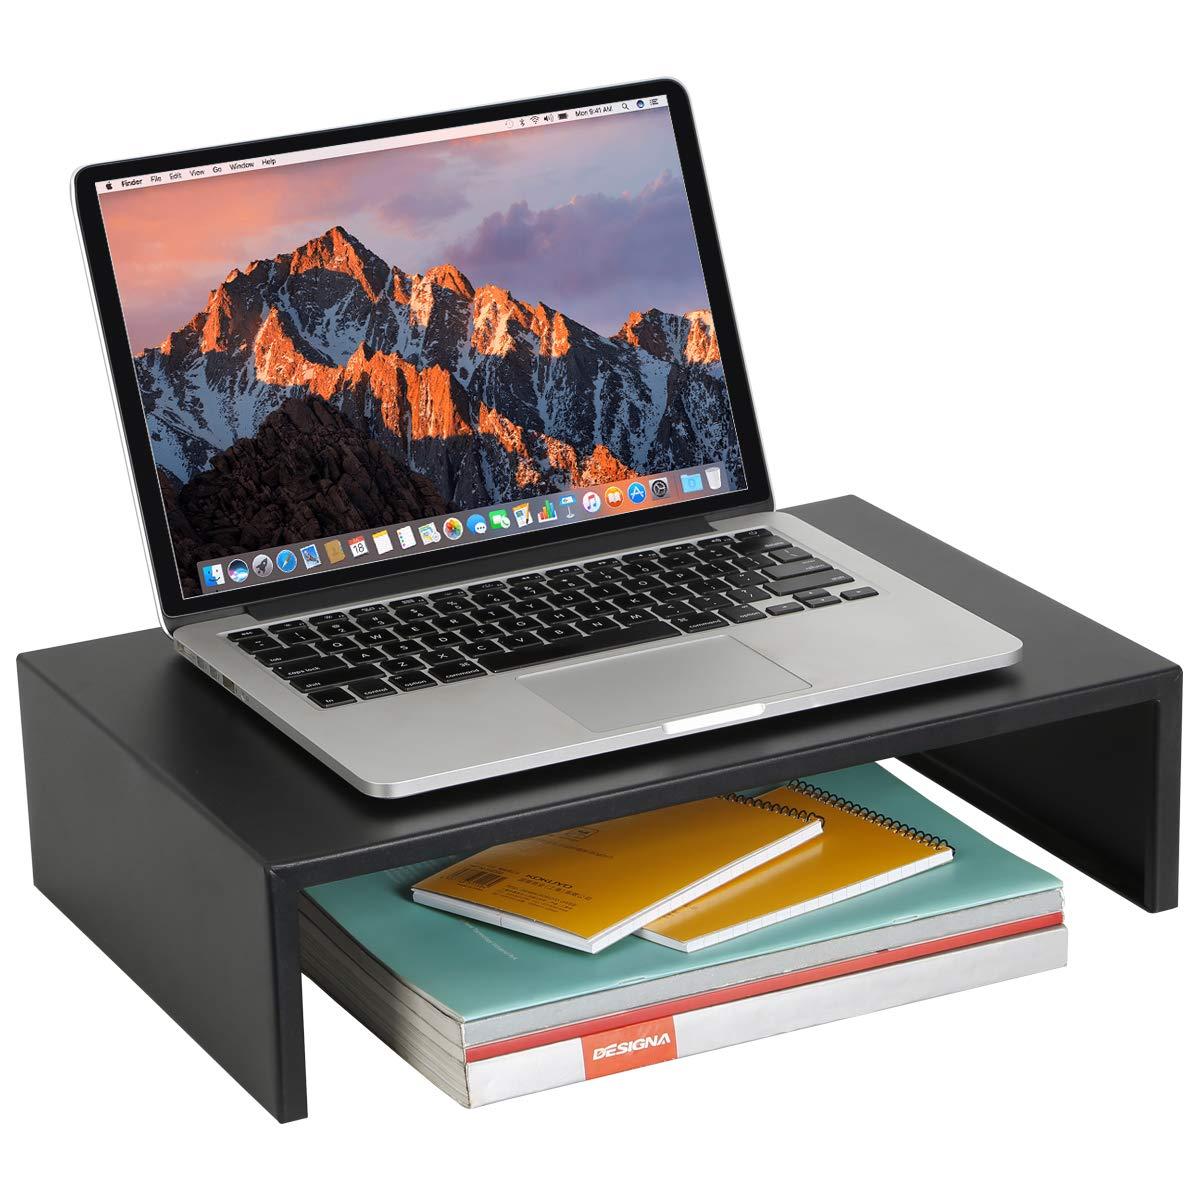 DESIGNA Metal Computer Monitor Stand for Desktop, Laptop or TV Riser, Black